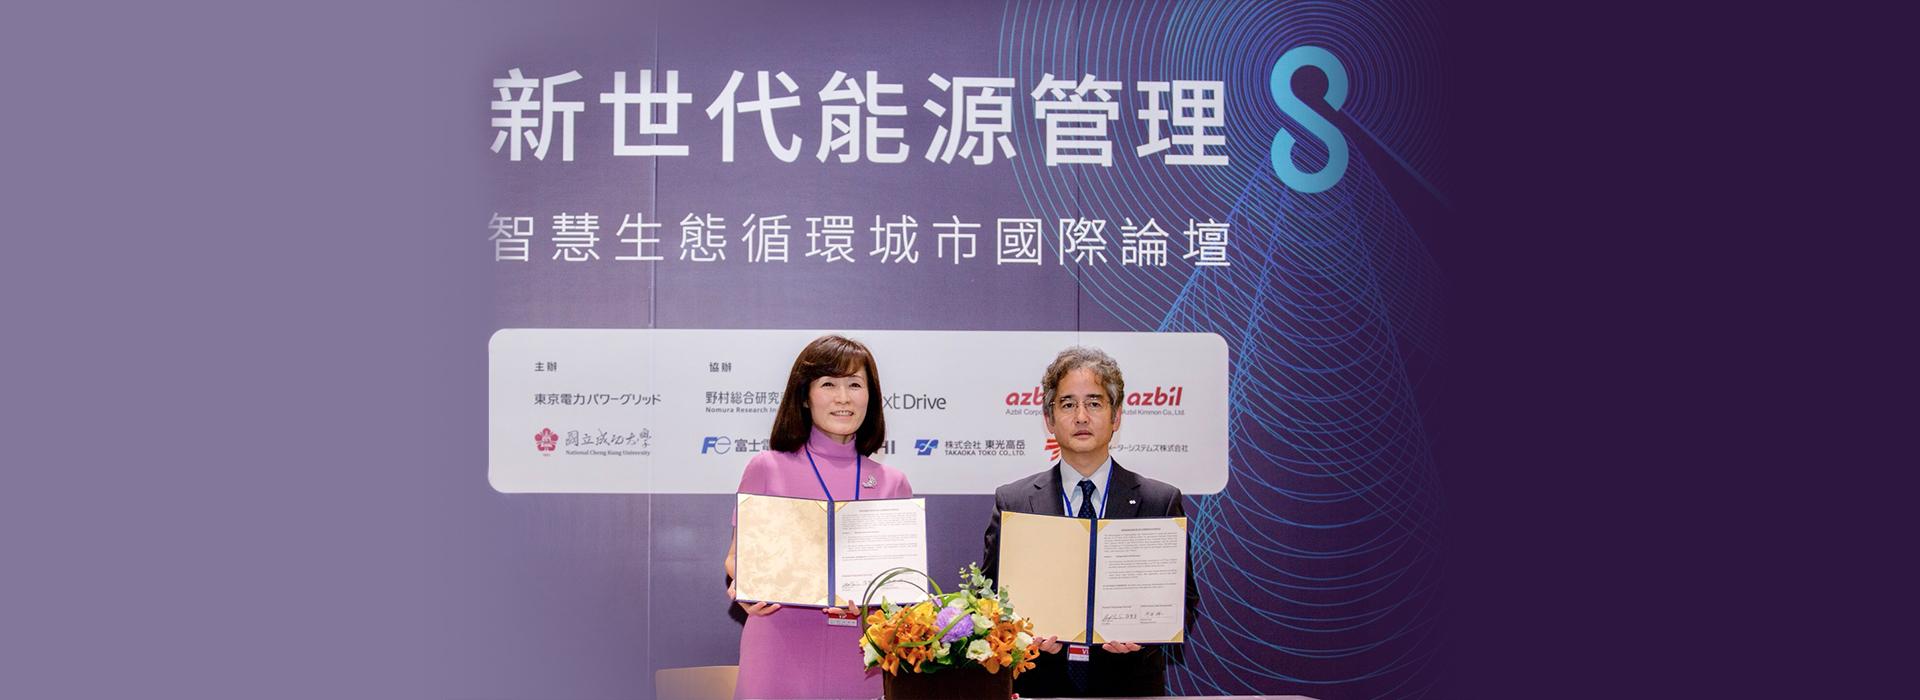 成功大學與東京電力集團簽署合作備忘錄